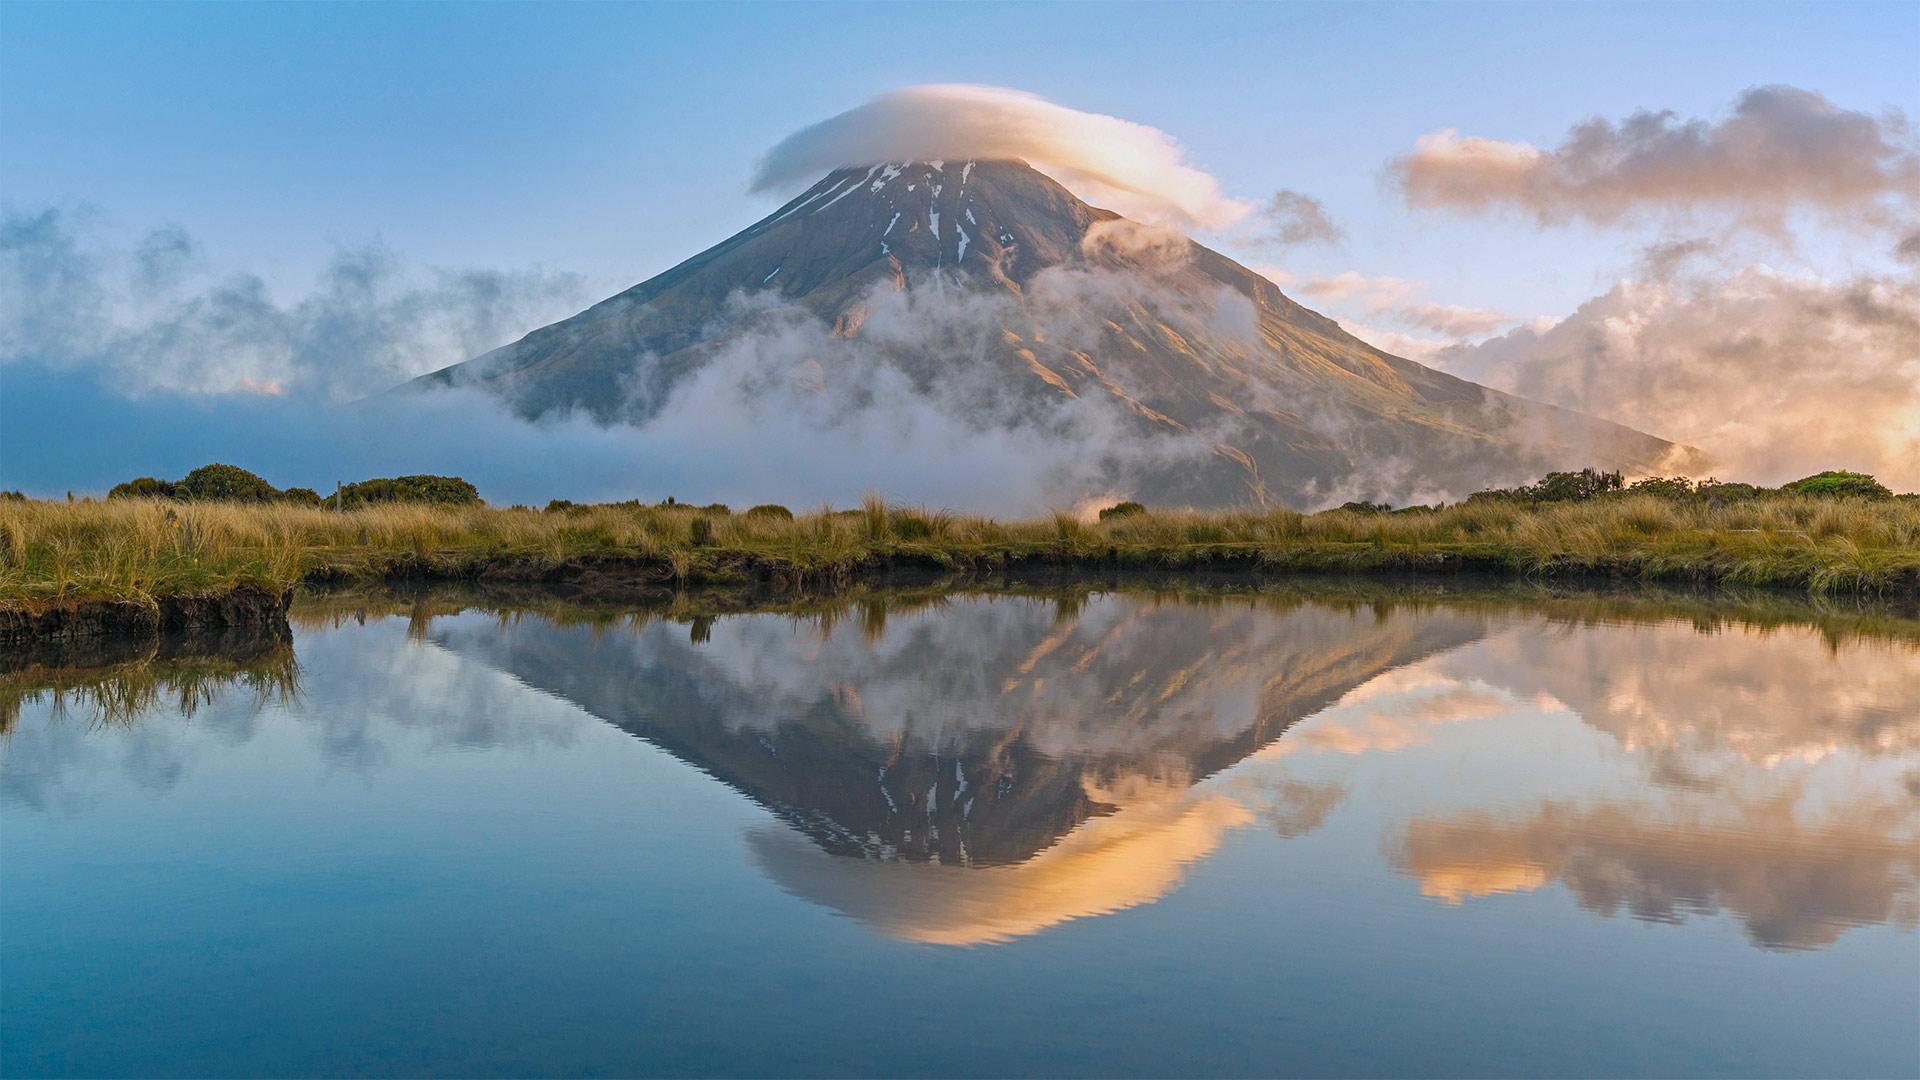 「タラナキ山」ニュージーランド北島, エグモント国立公園 (© Francesco Vaninetti/plainpicture)